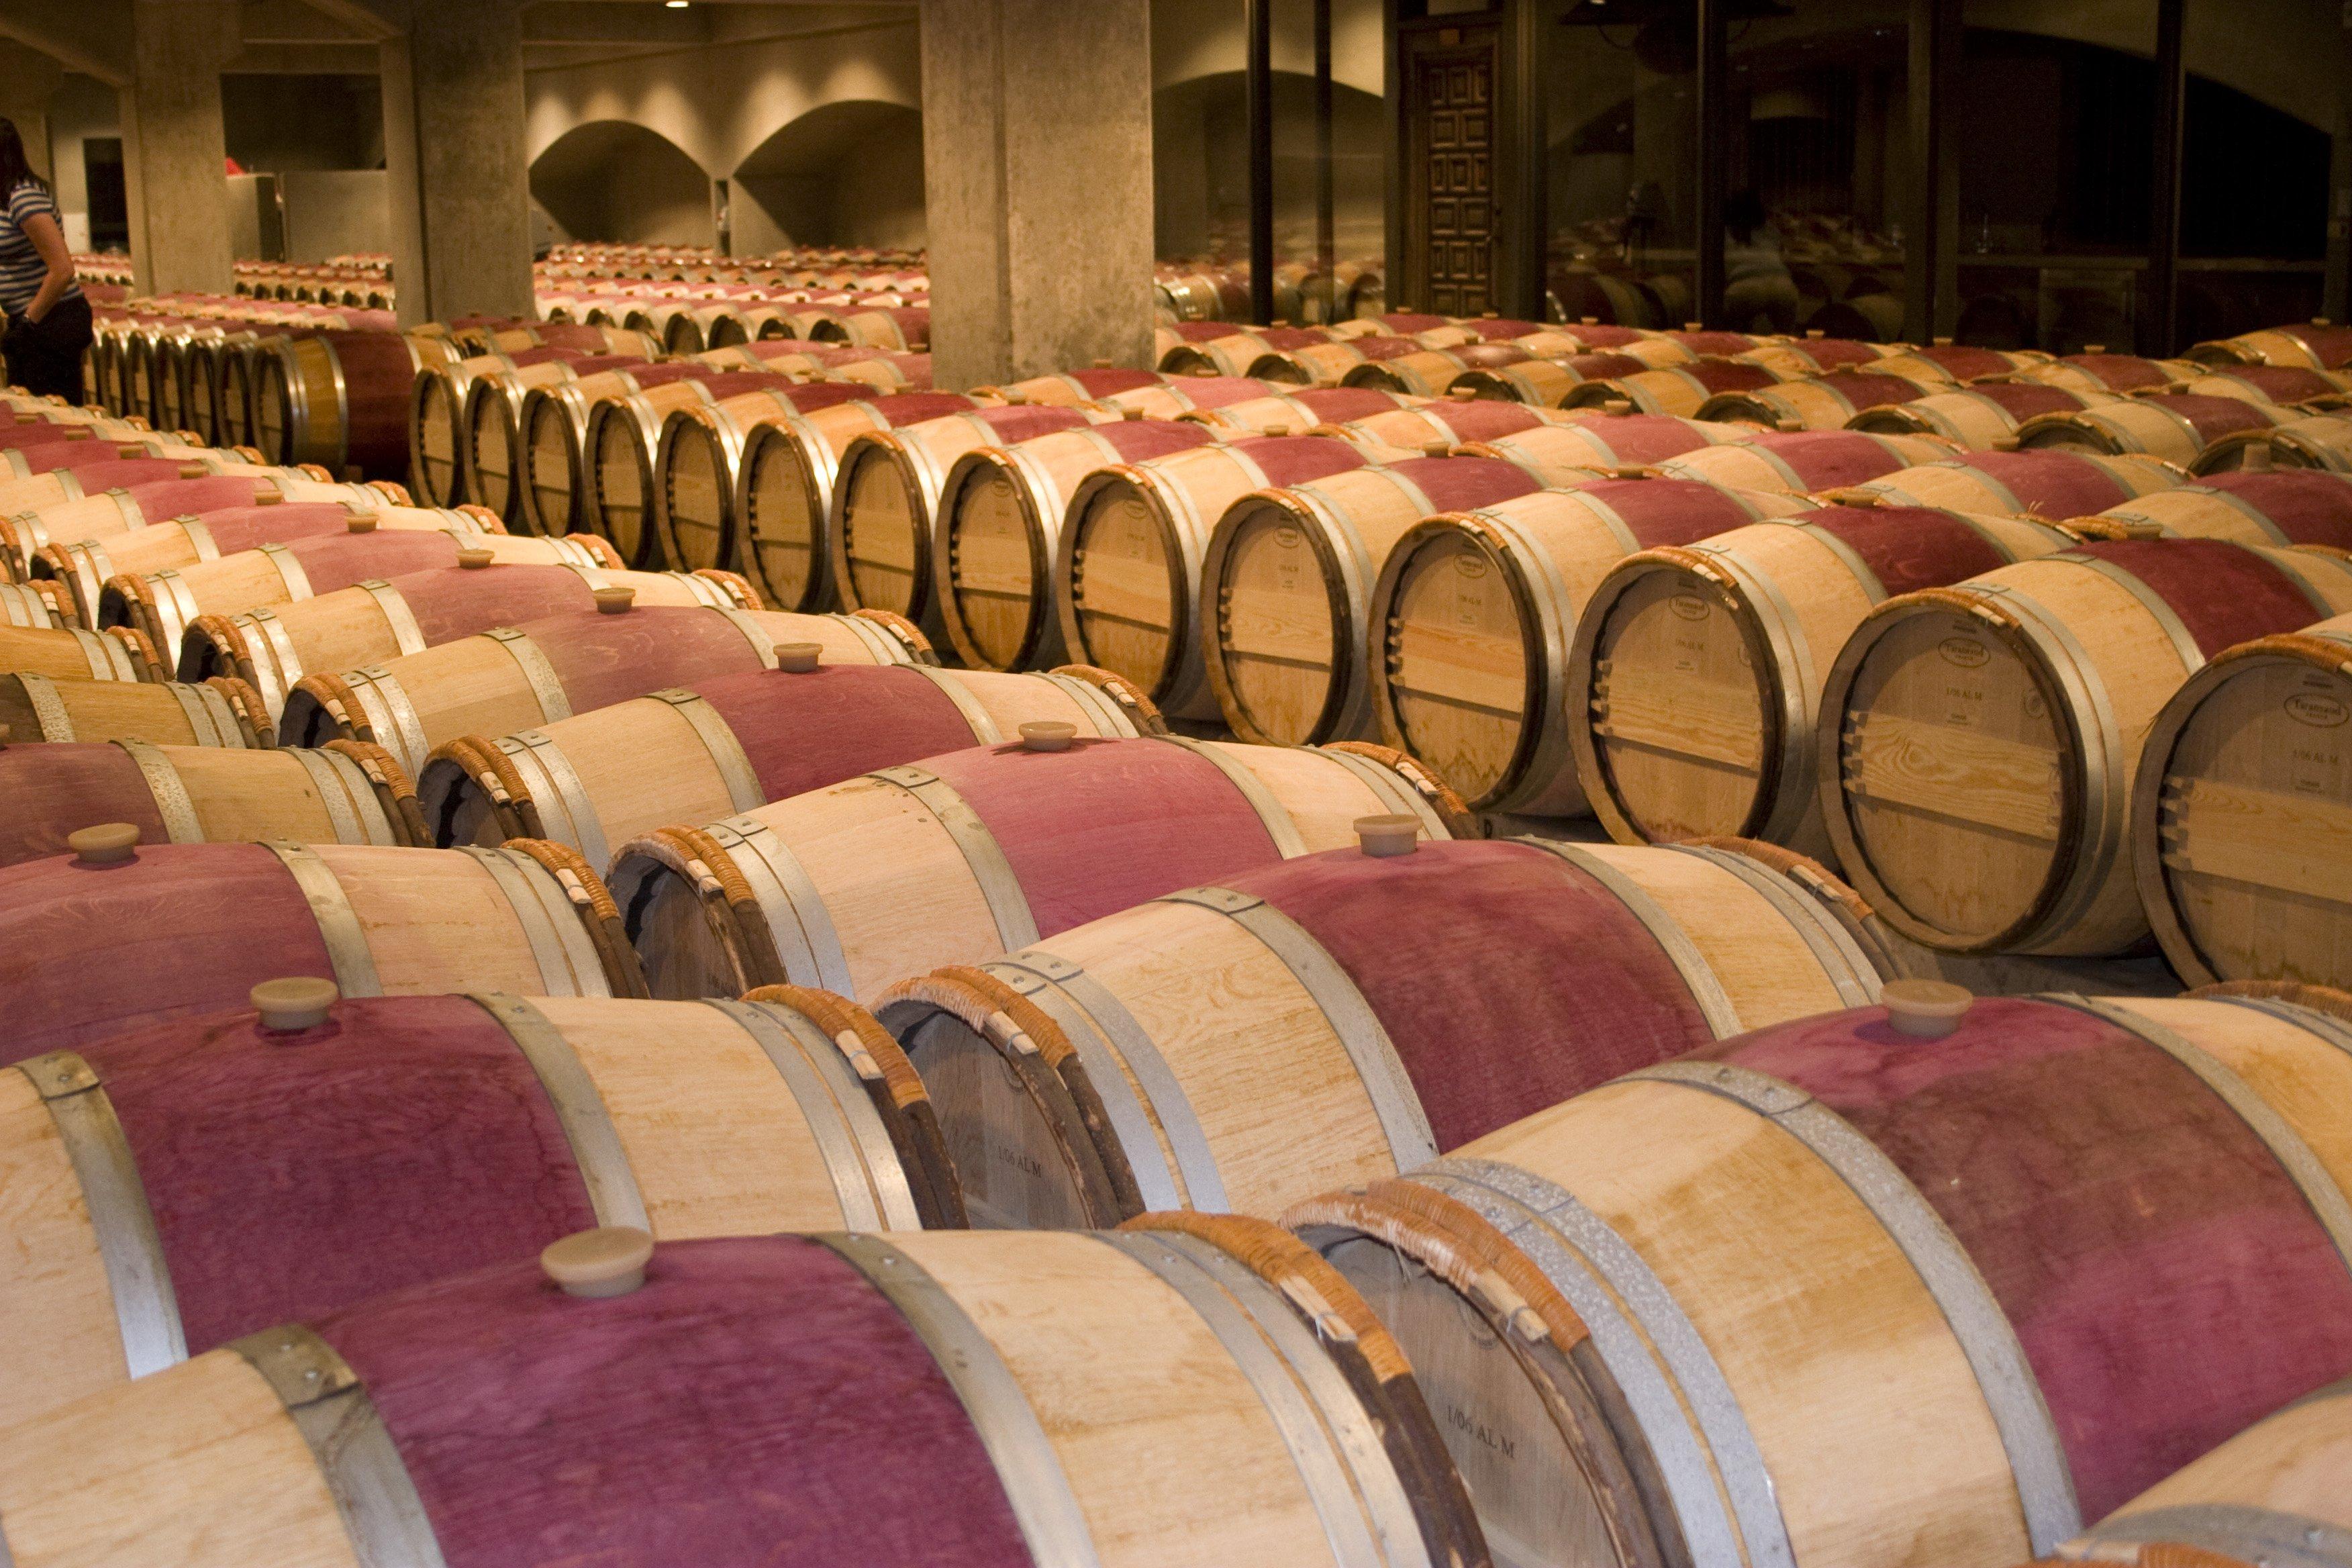 Robert Mondavi winery in Oakville, CA